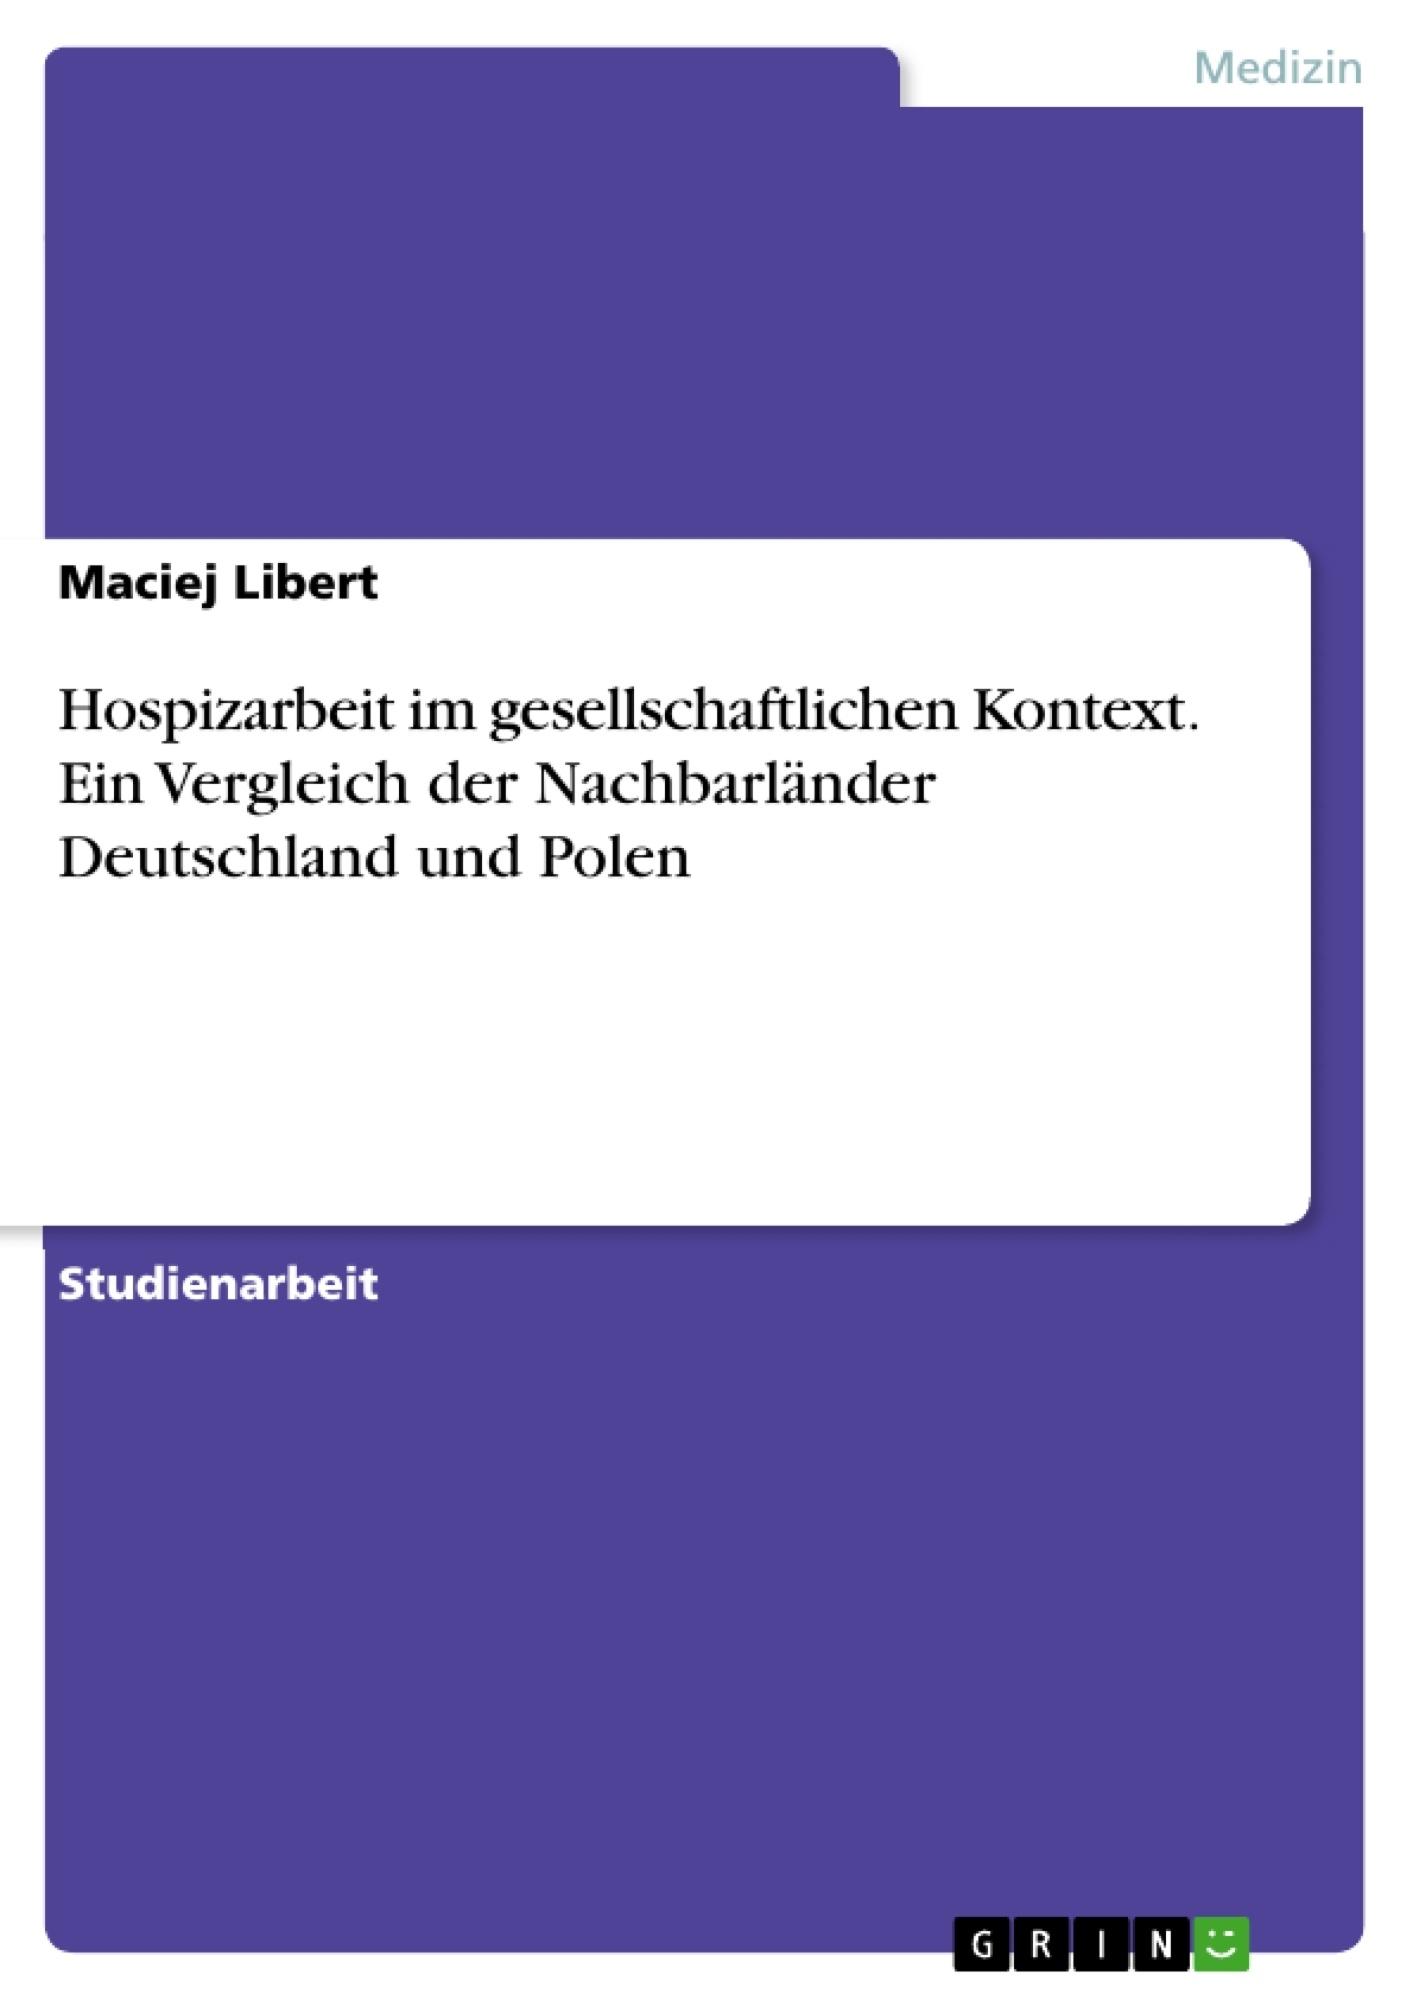 Titel: Hospizarbeit im gesellschaftlichen Kontext. Ein Vergleich der Nachbarländer Deutschland und Polen